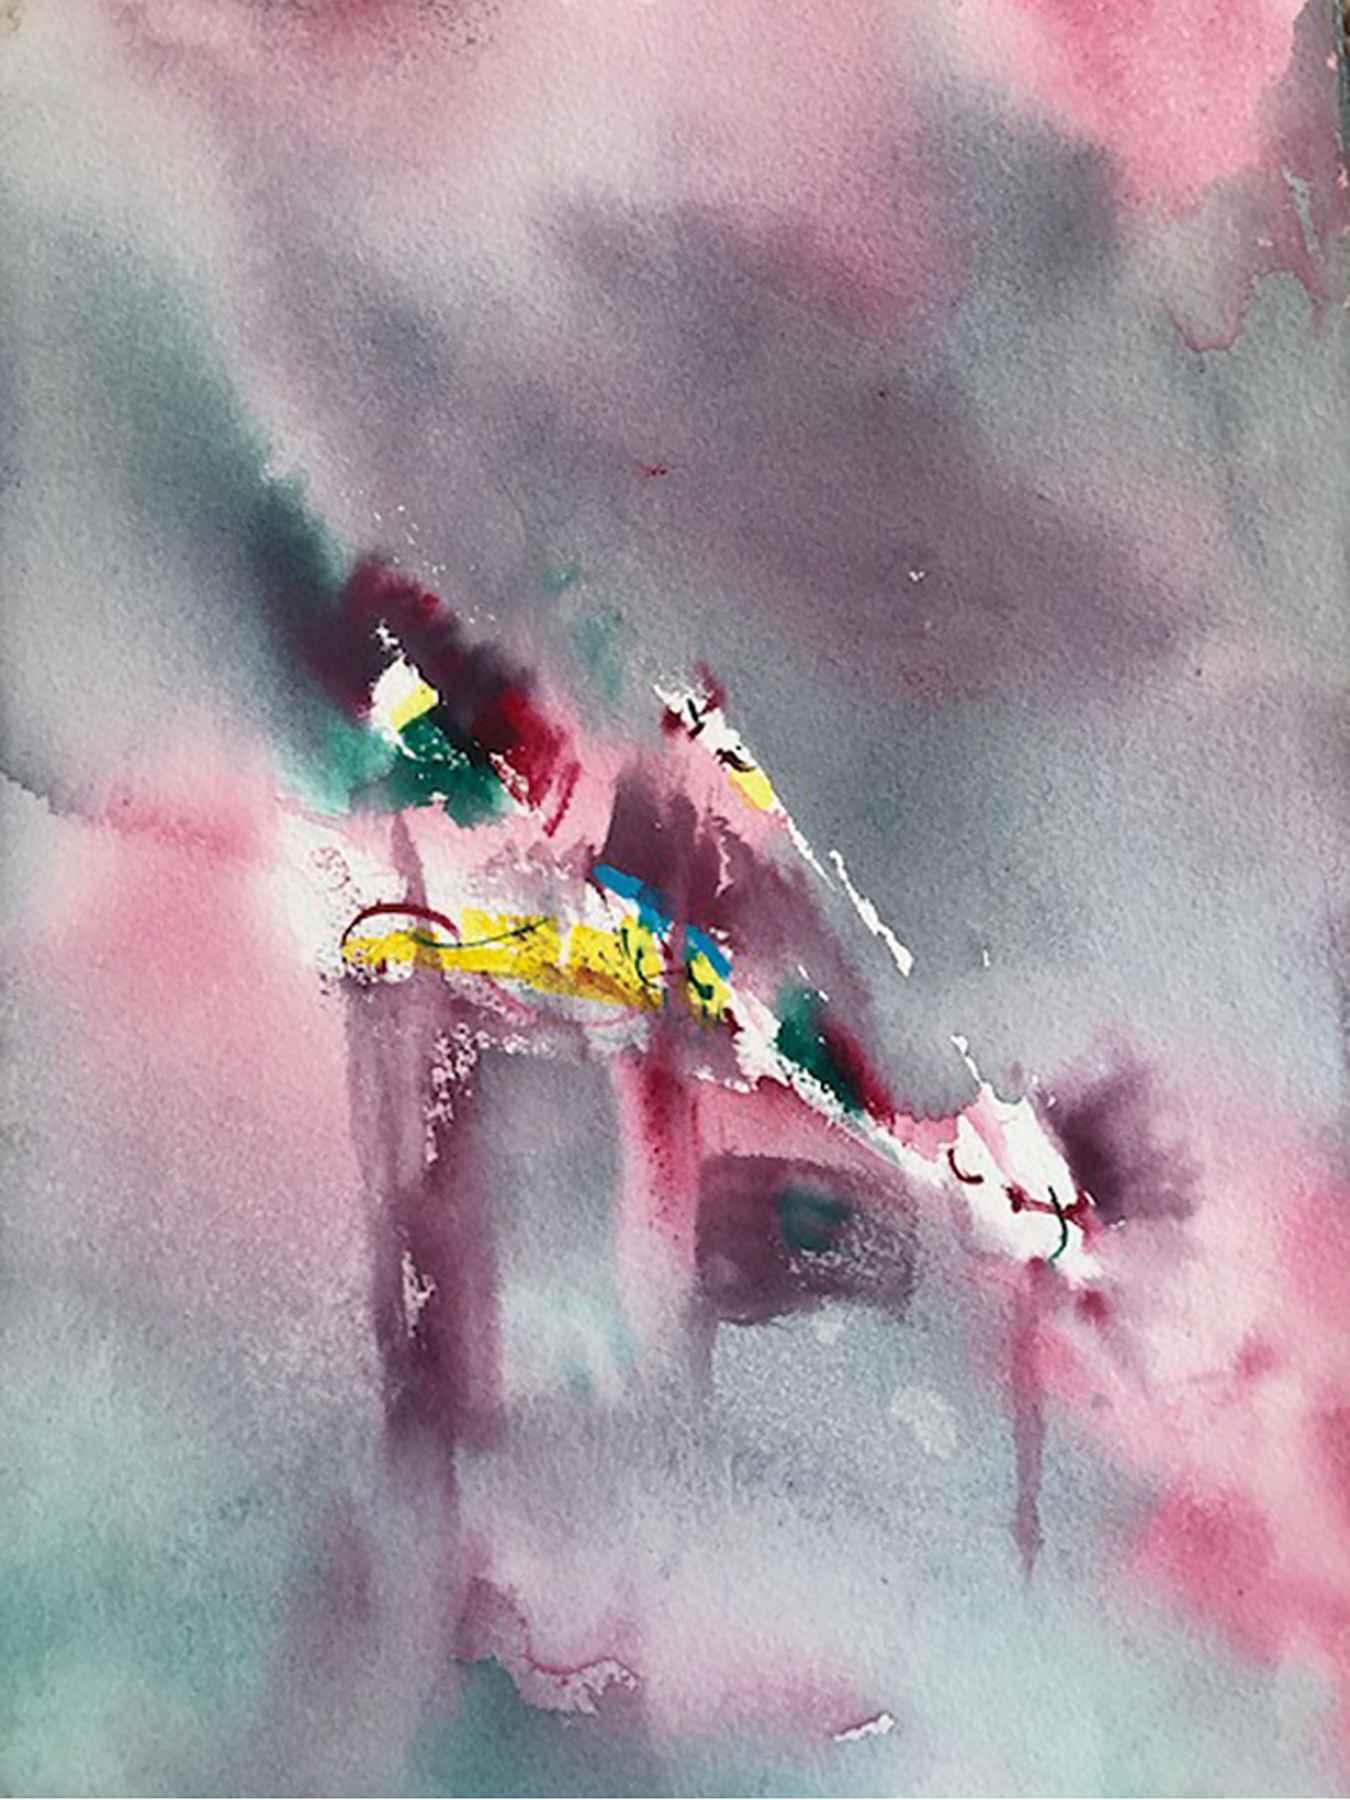 Covid19 - A Tear In O... by  Loisanne Keller - Masterpiece Online